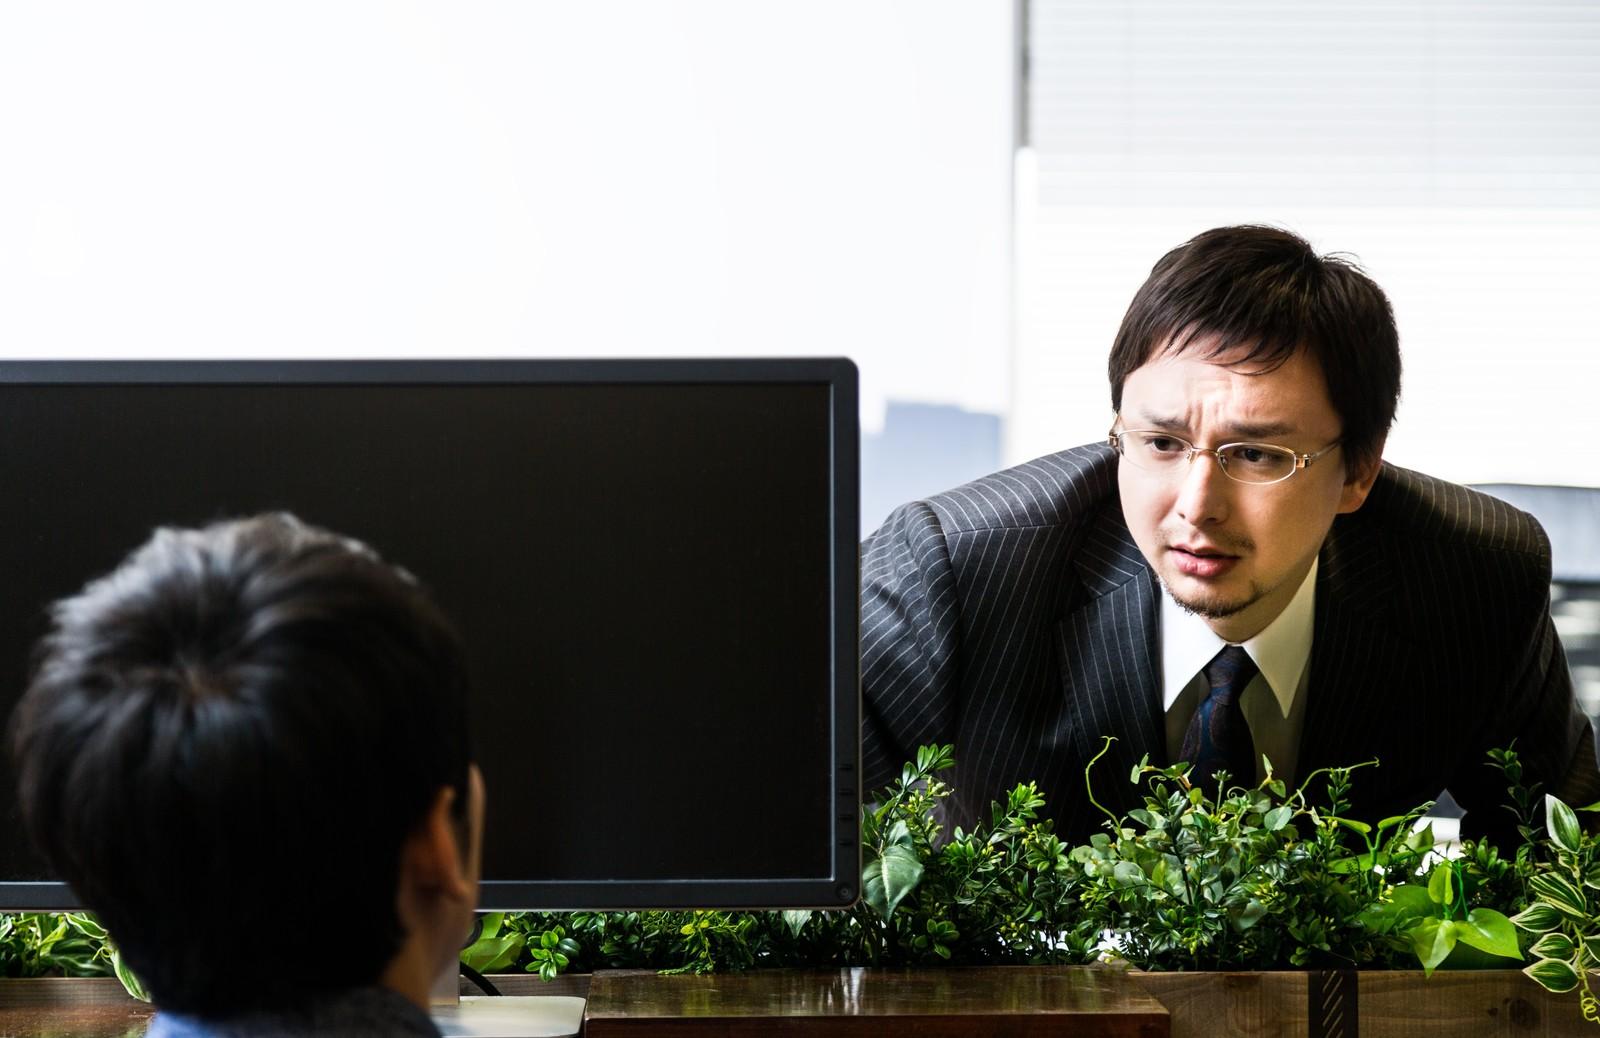 上司が嫌いで仕方ない、もう辞めたいと思った時の対処法